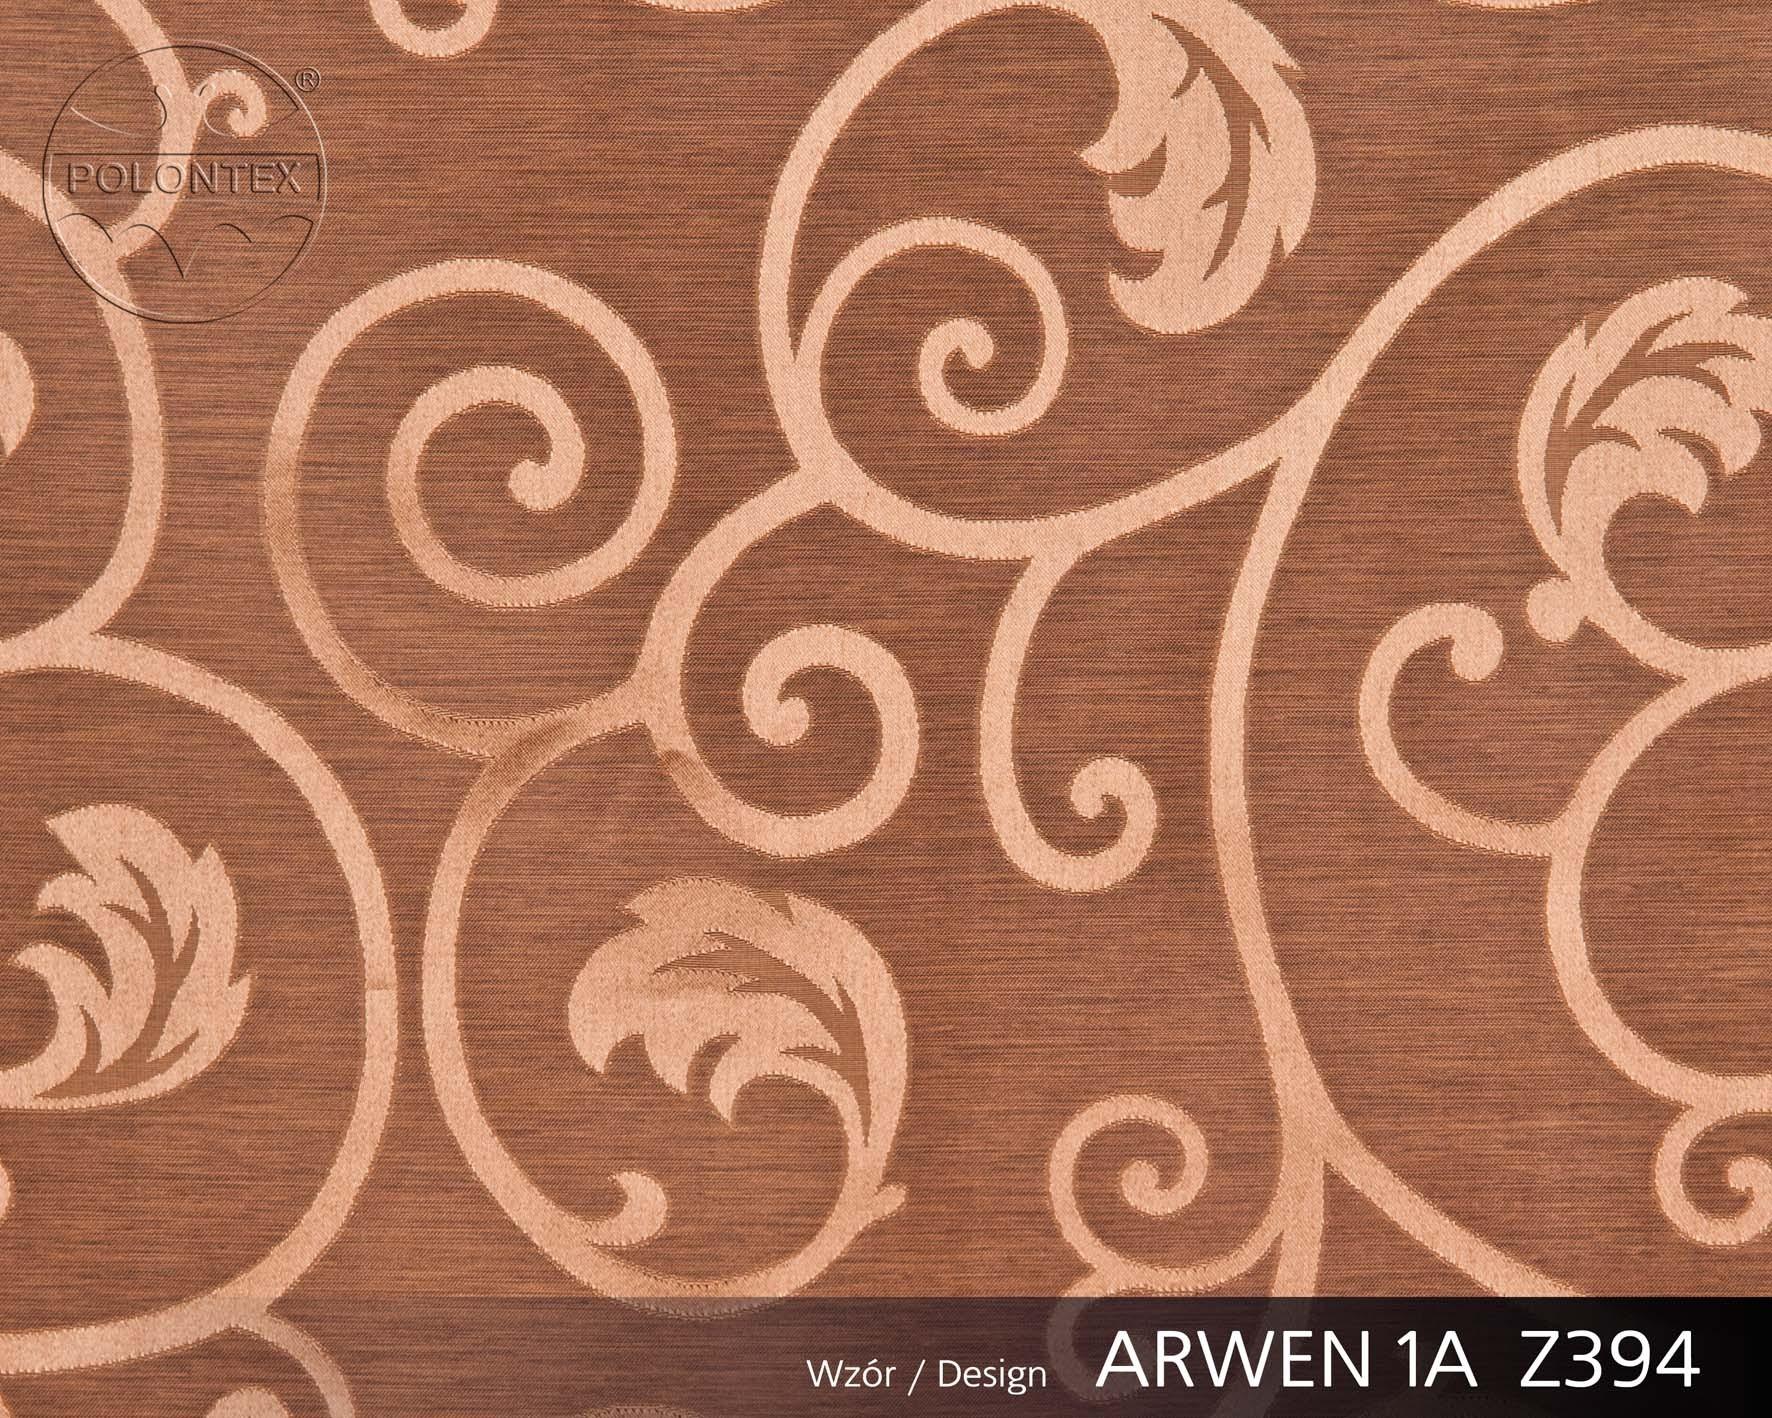 ARWEN 1A Z394